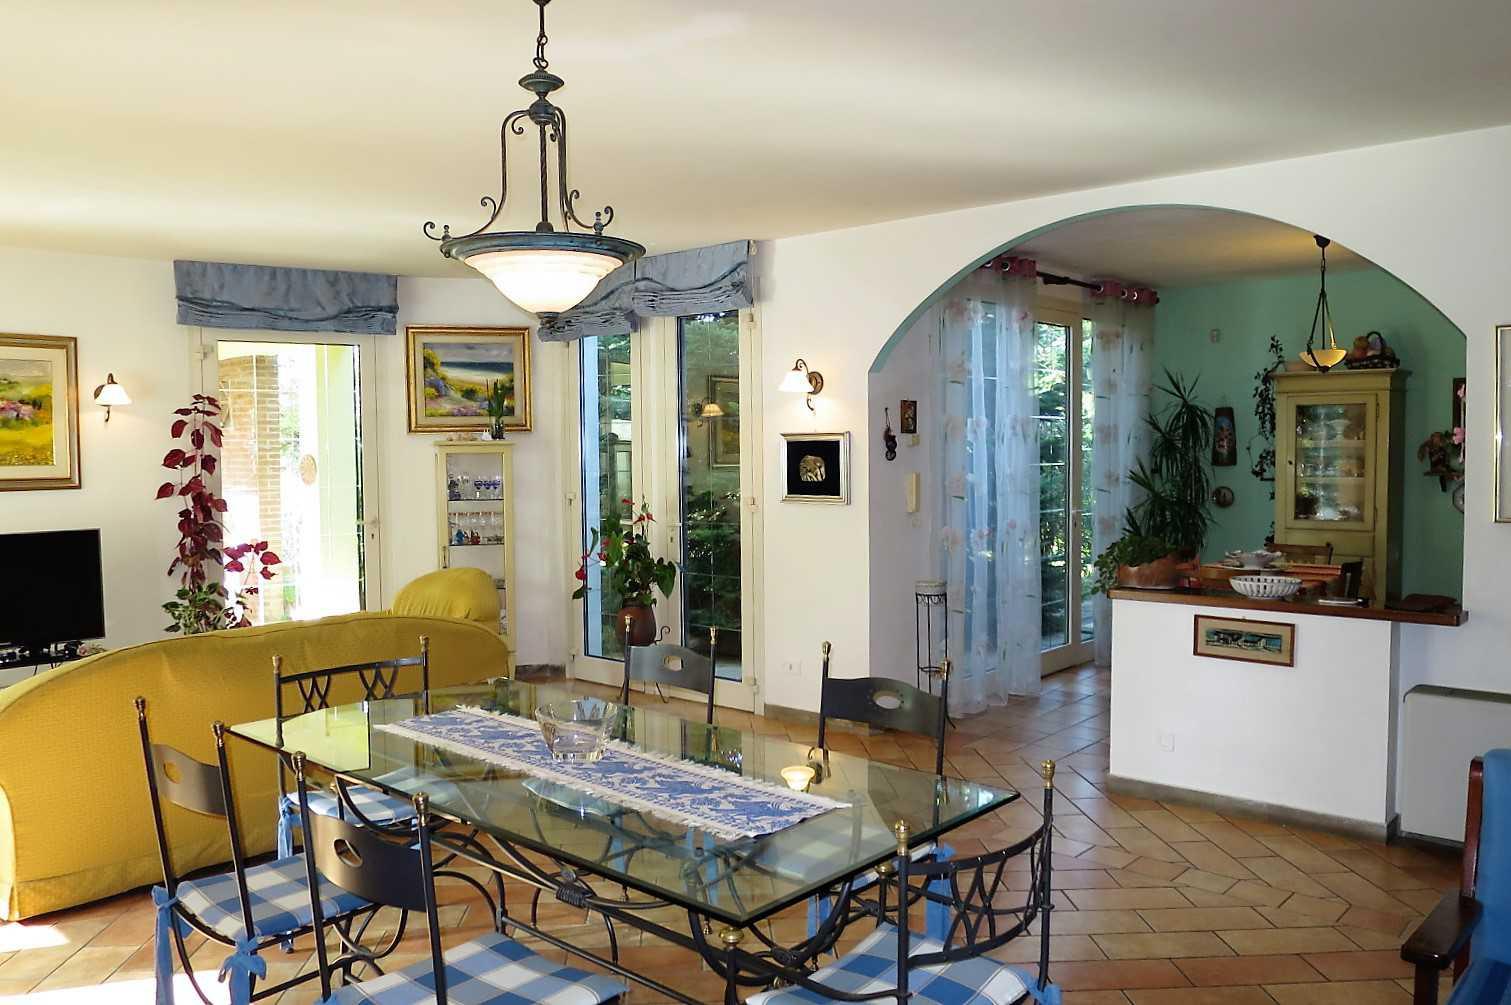 Villa Villa for sale Atri (TE), Villa Paola - Atri - EUR 462.107 120